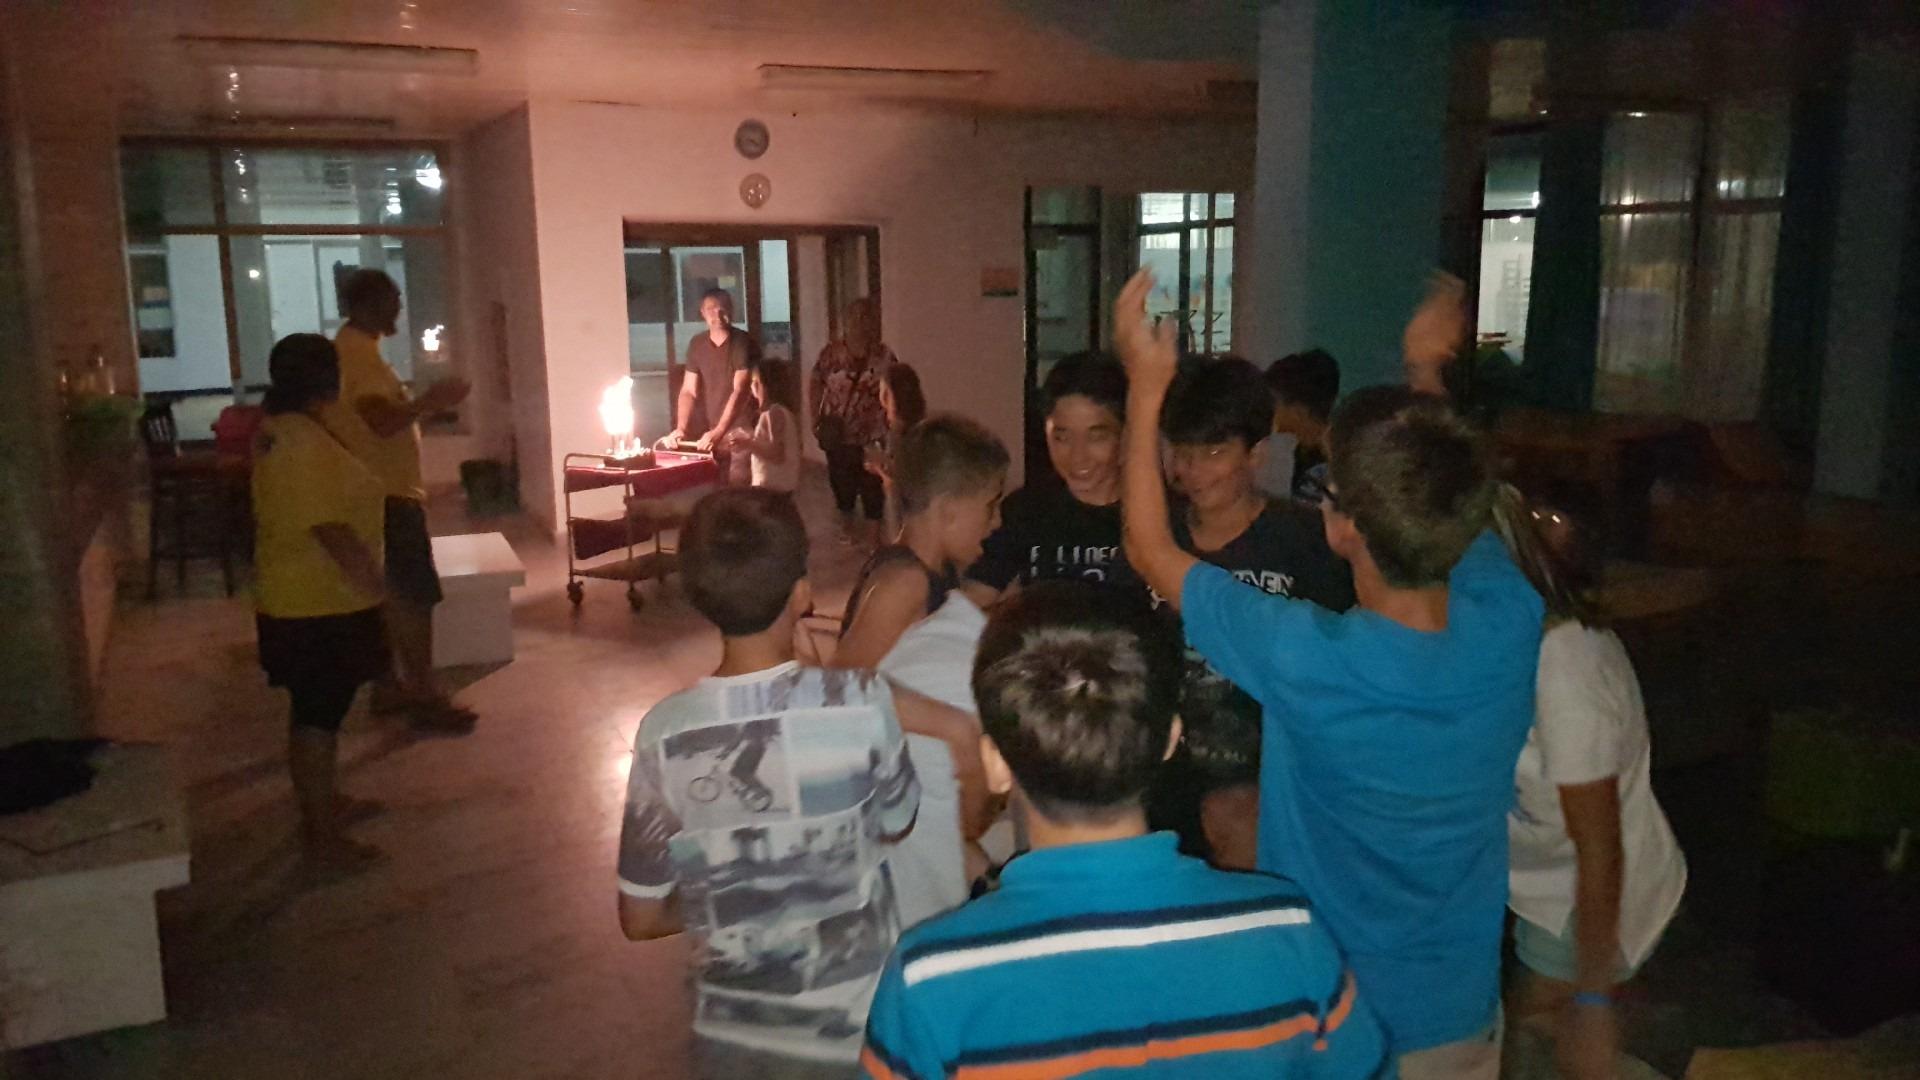 летни езикови лагери в България Z кемп, Ден 34 - рожден ден - свещите на тортата са запалени